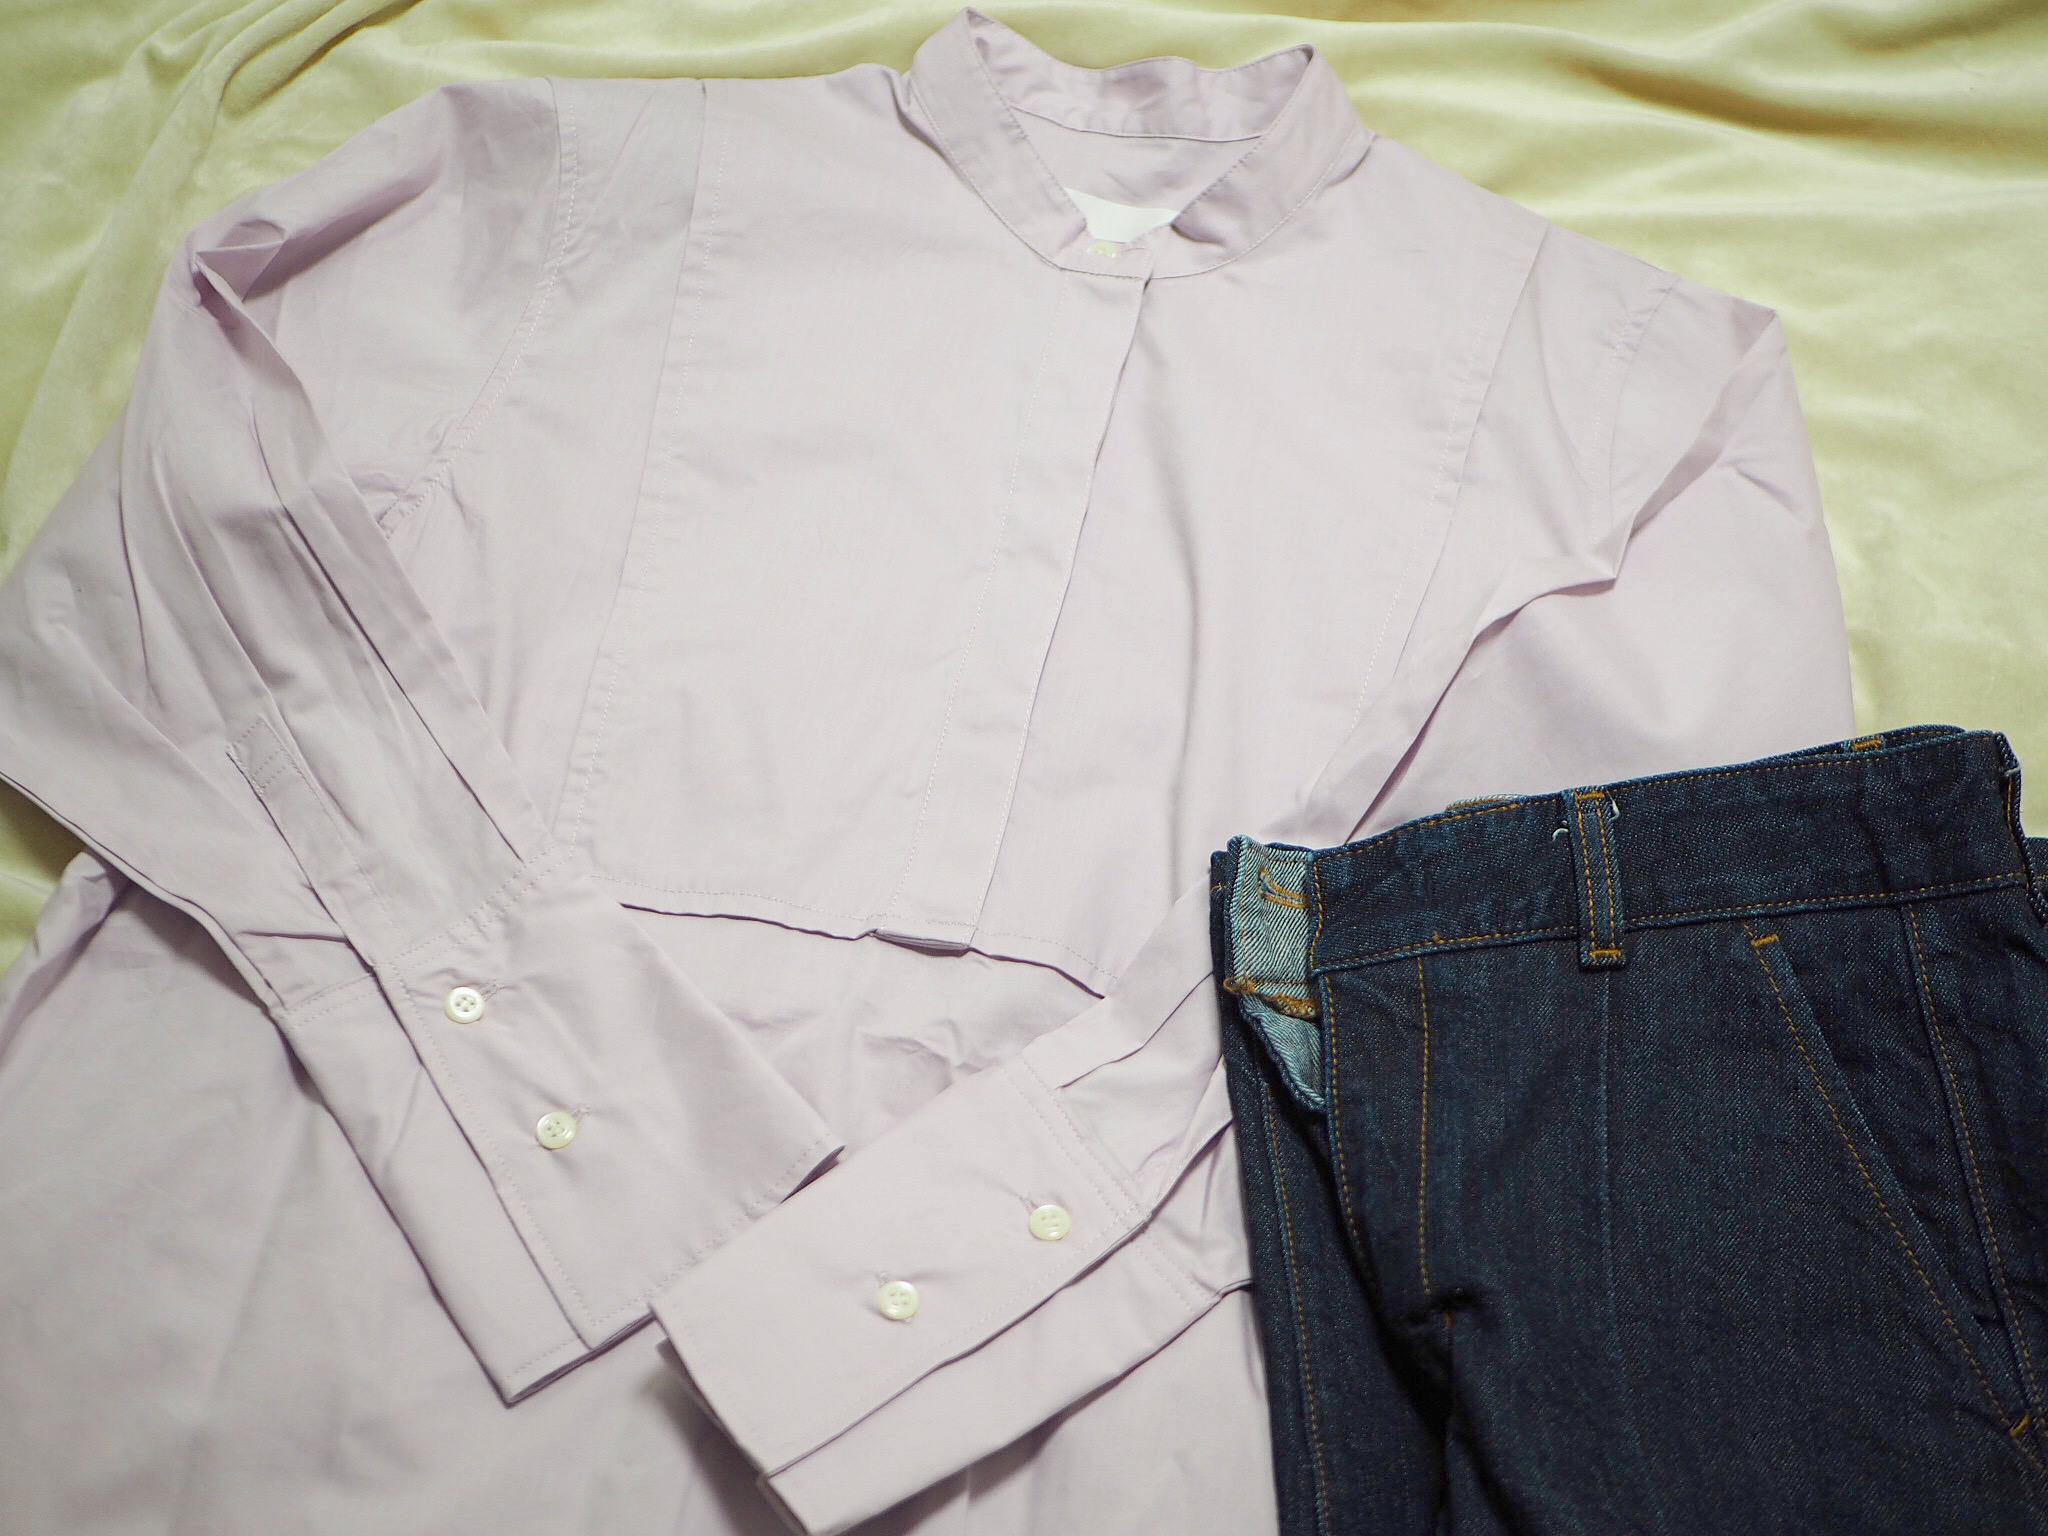 プチプラ服!【センスオブプレイス】の《春色ドレスシャツ》が可愛い♡⋈_2